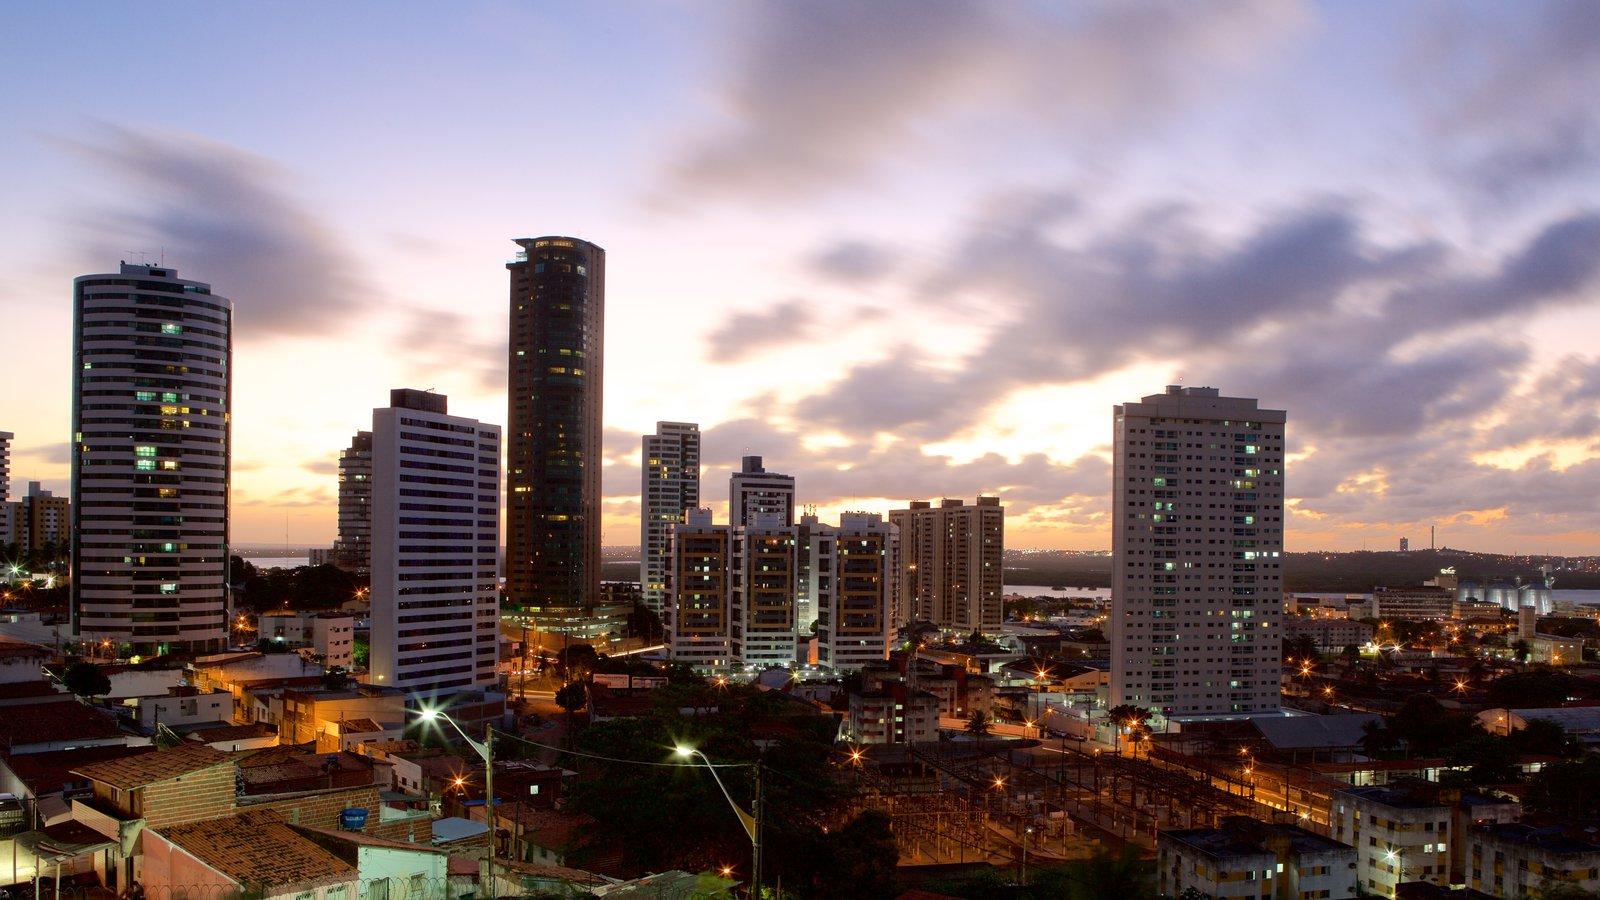 Natal mostrando distrito comercial central, cenas noturnas e uma cidade